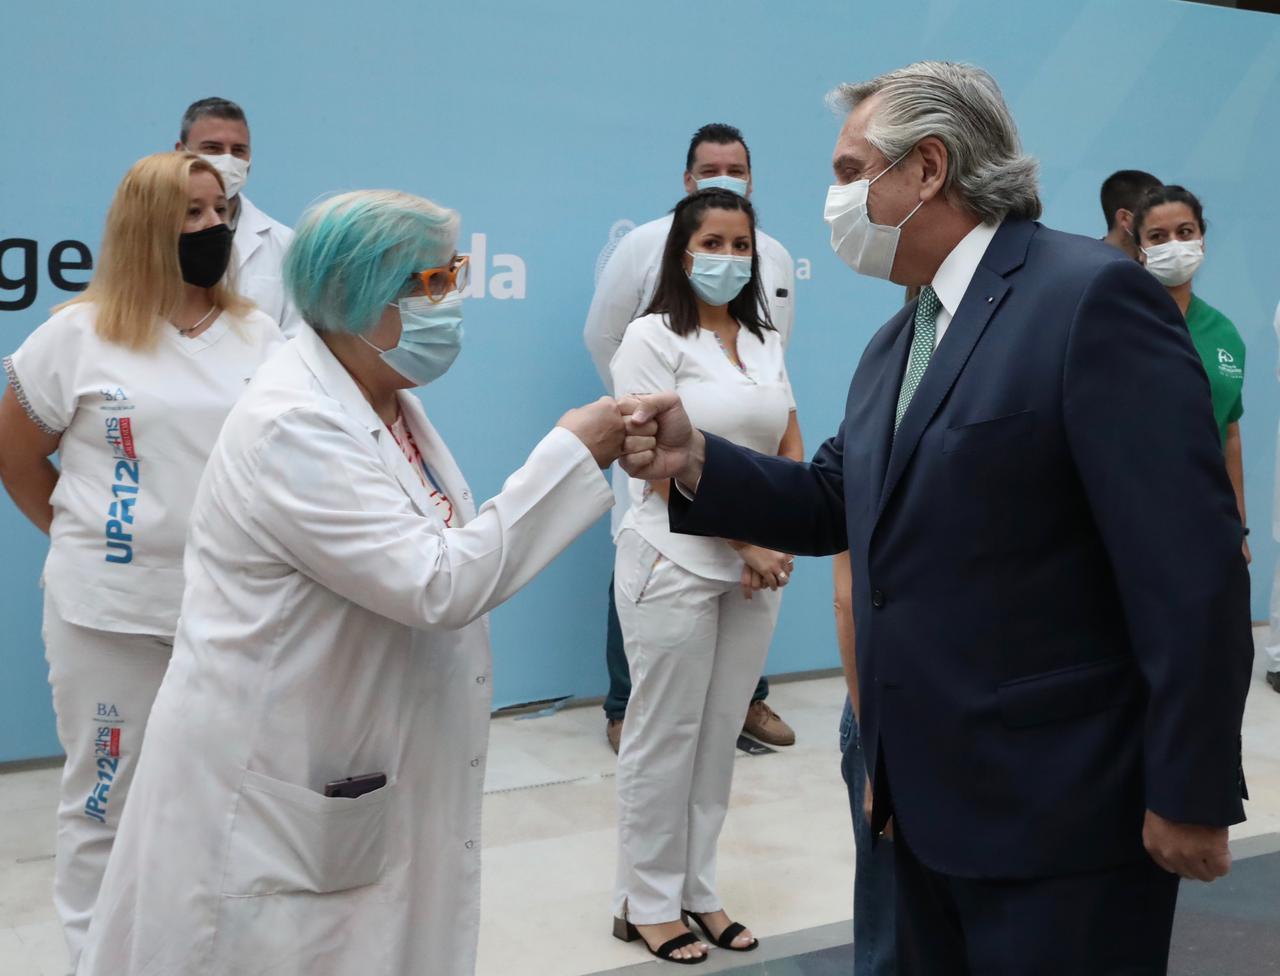 Alberto Fernández anunció un bono de $ 6.500 pesos extra por tres meses para los trabajadores de la Salud